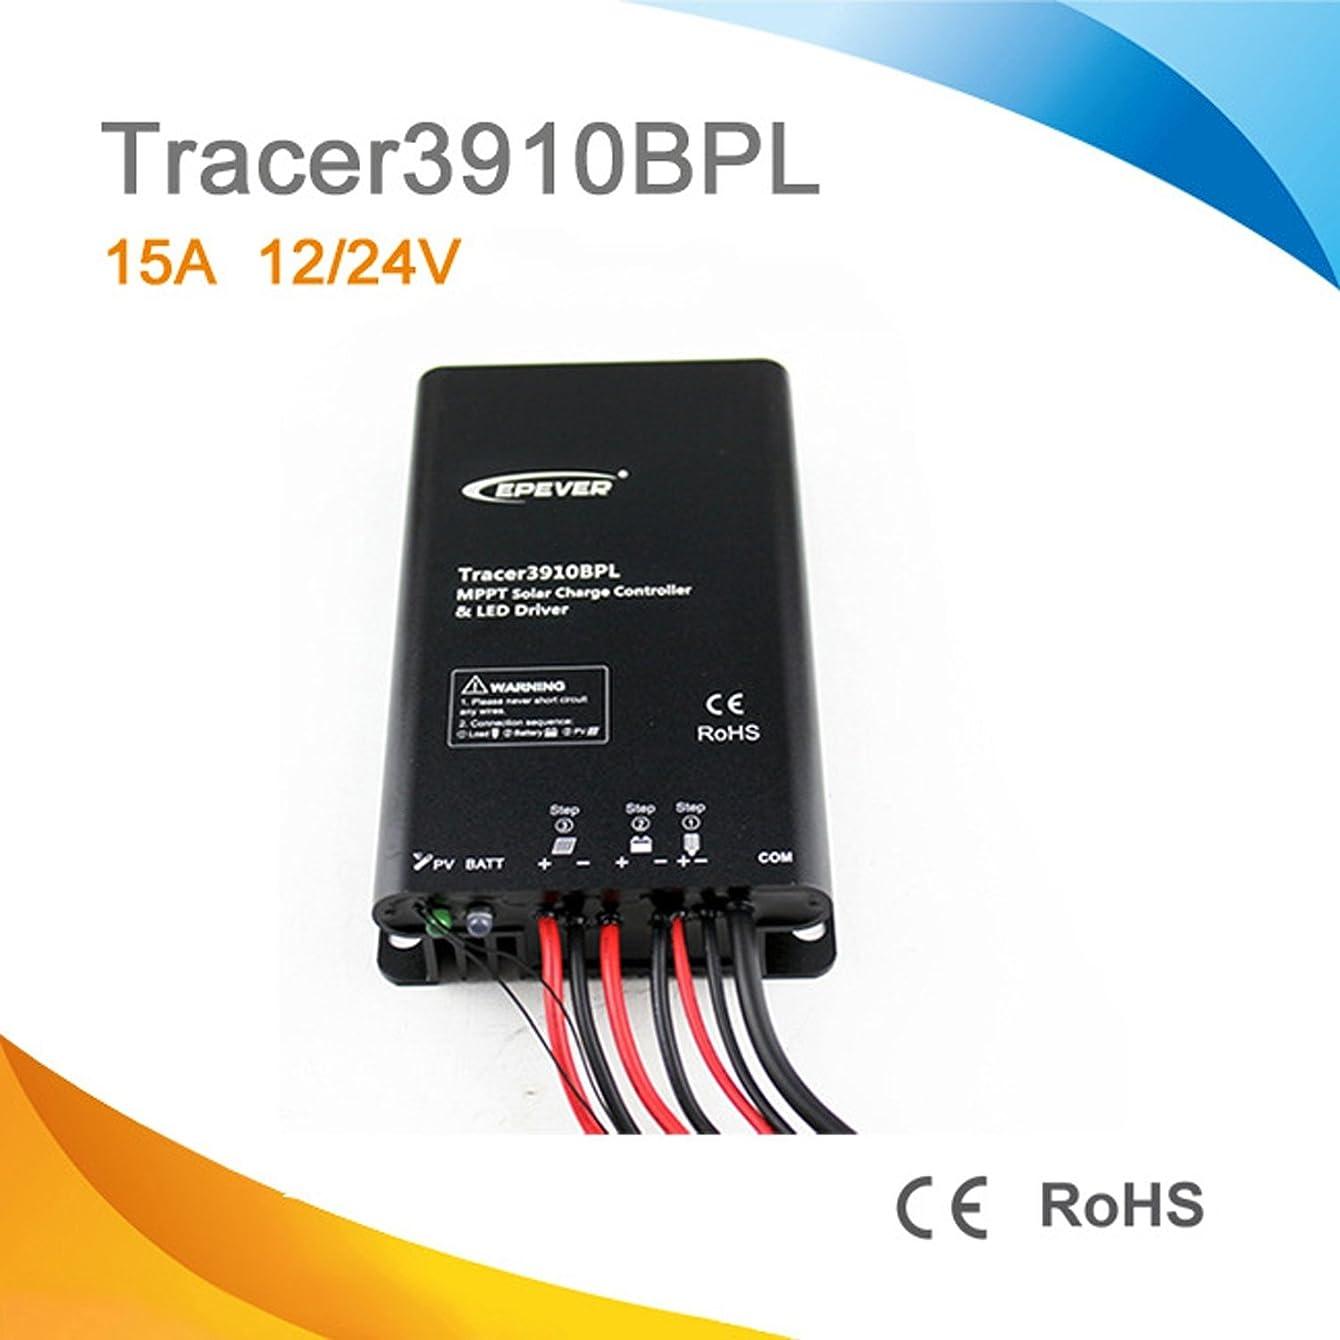 くつろぐ人に関する限り歌うソーラーパネル充電器コントローラー MPPTソーラー充電コントローラ、タイマー、LEDドライバプログラム付きアプリTracer2606BPL Tracer2610BPL Tracer3906BPL Tracer3910BPL Tracer5206BPL Tracer5210BPL ソーラー充電 (Style : Tracer3910BPL)